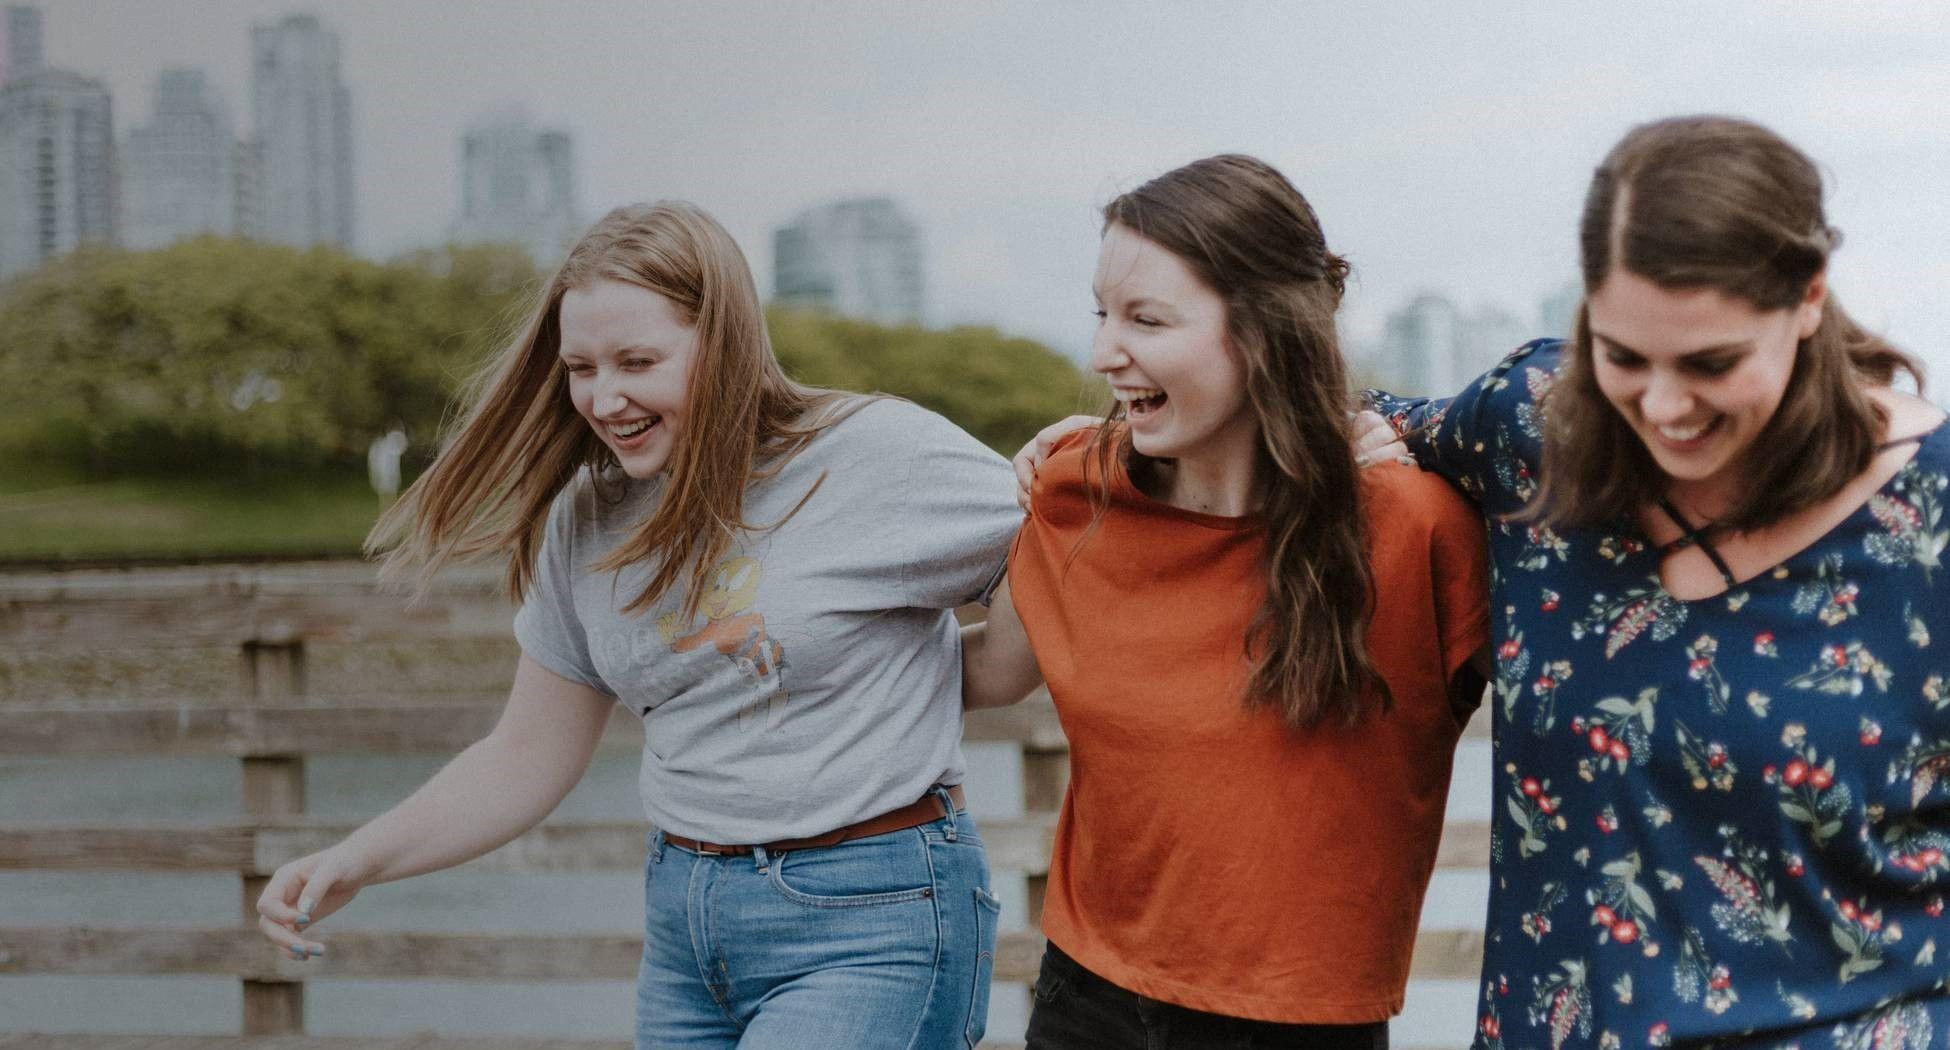 На фото трое девушек гуляют по улице и смеются